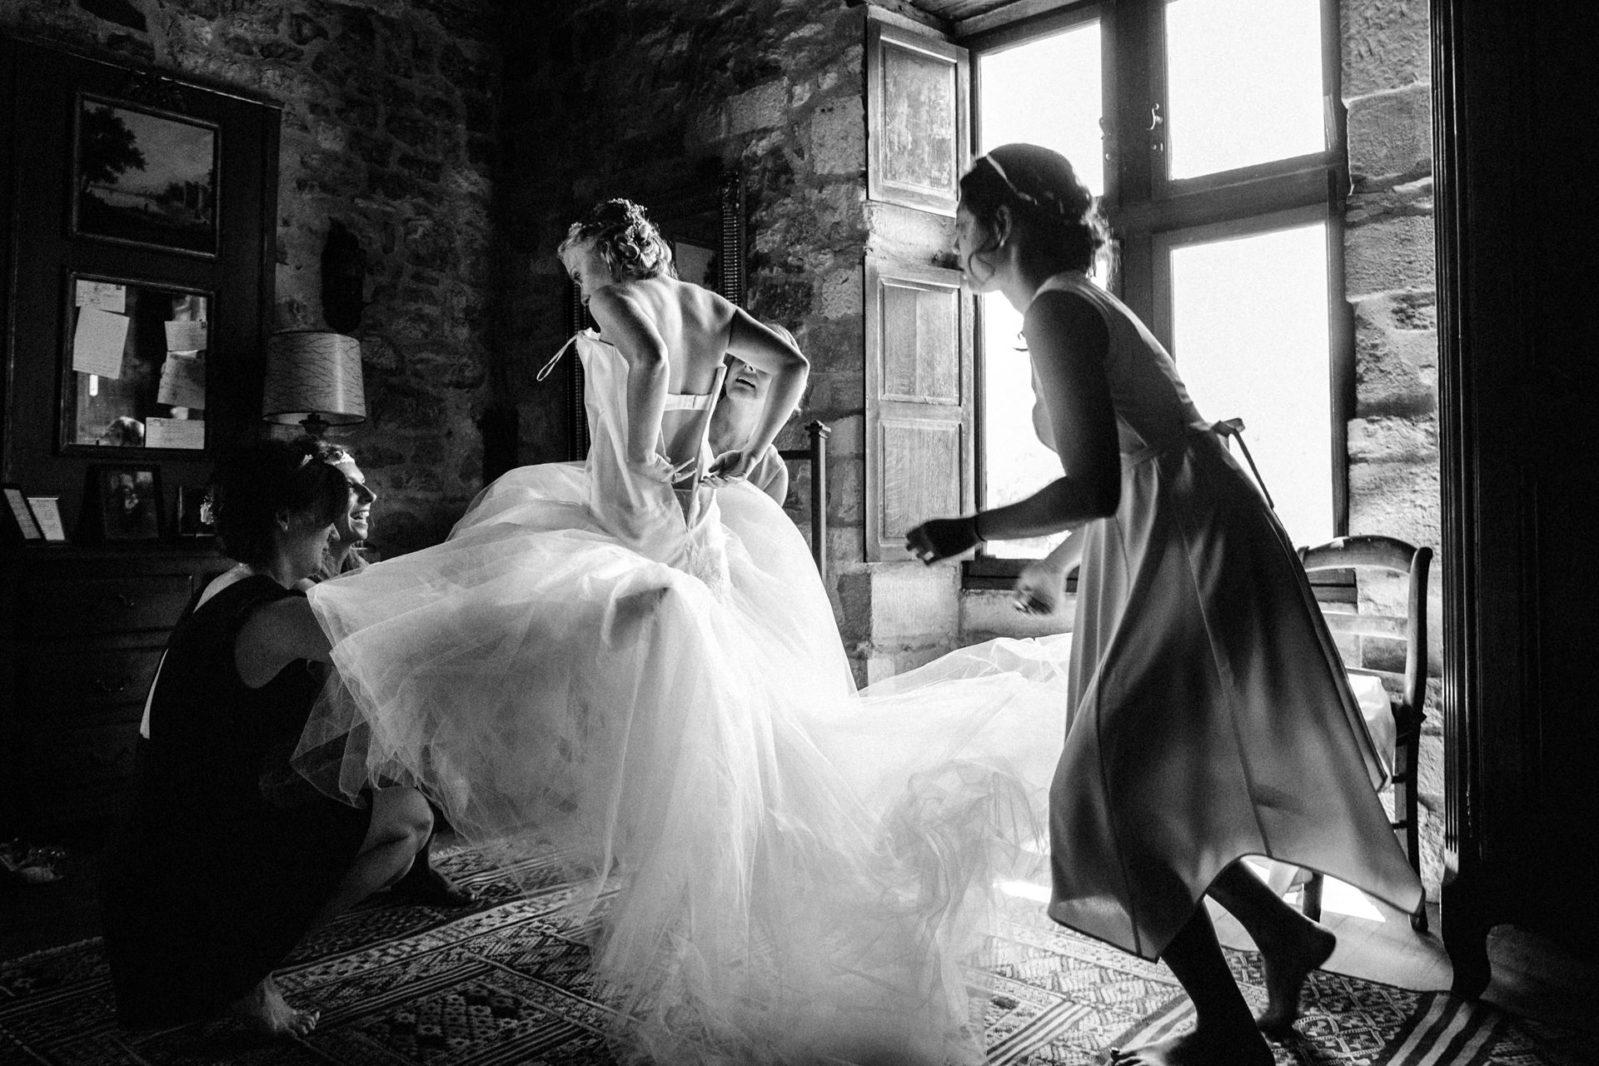 habillage de la mariée Détail de la robe de mariée par Ernestine et sa famille photographe de mariage à l'approche reportage